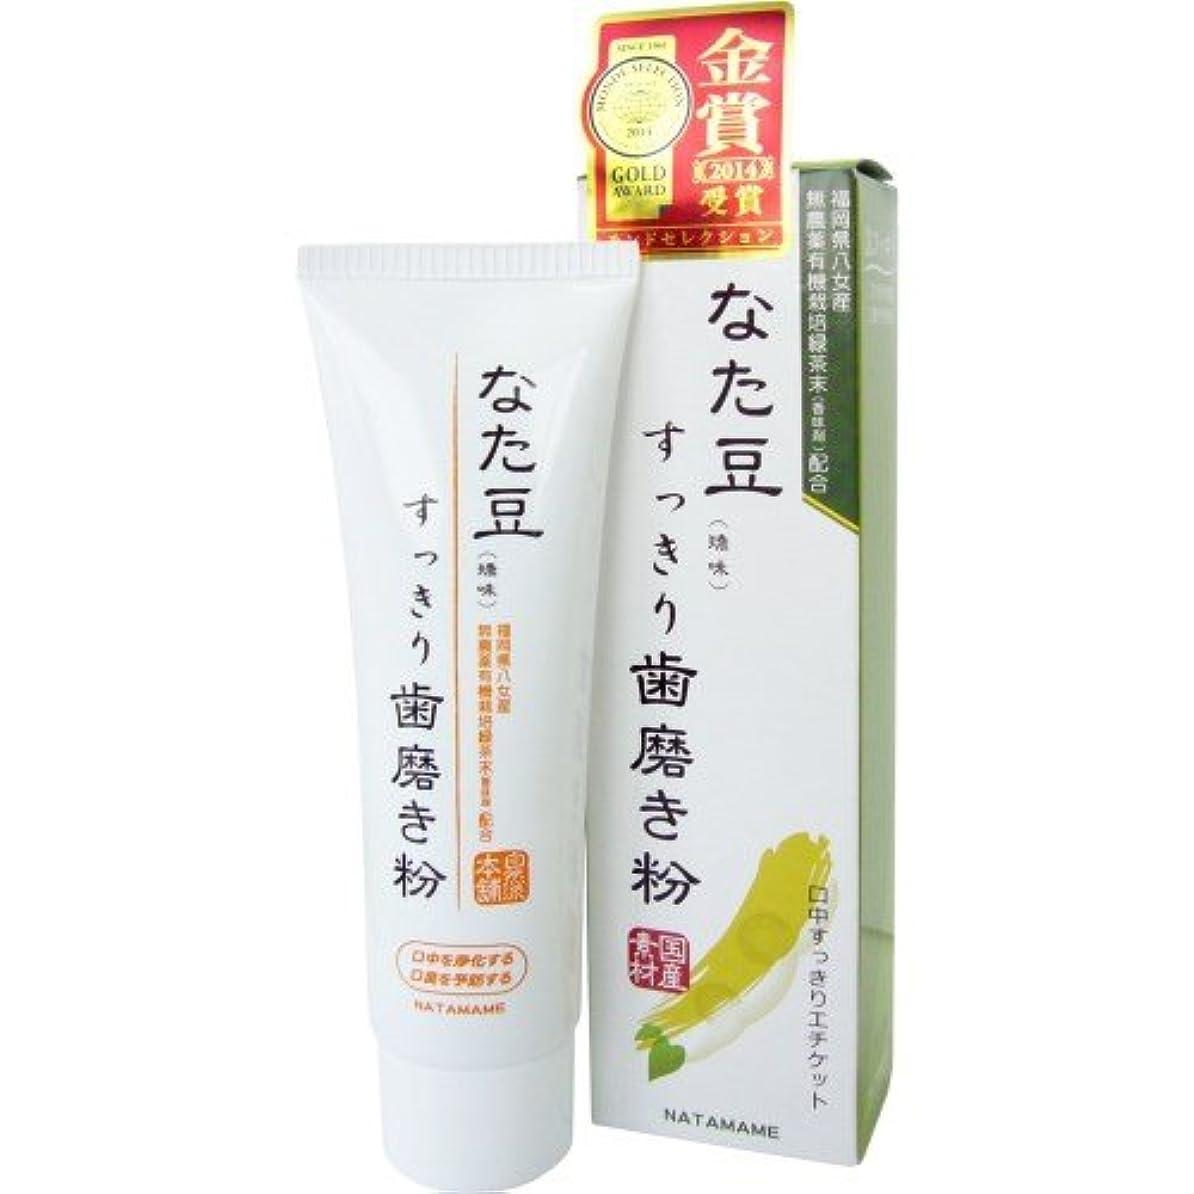 シプリー応用セマフォなた豆すっきり歯磨き粉